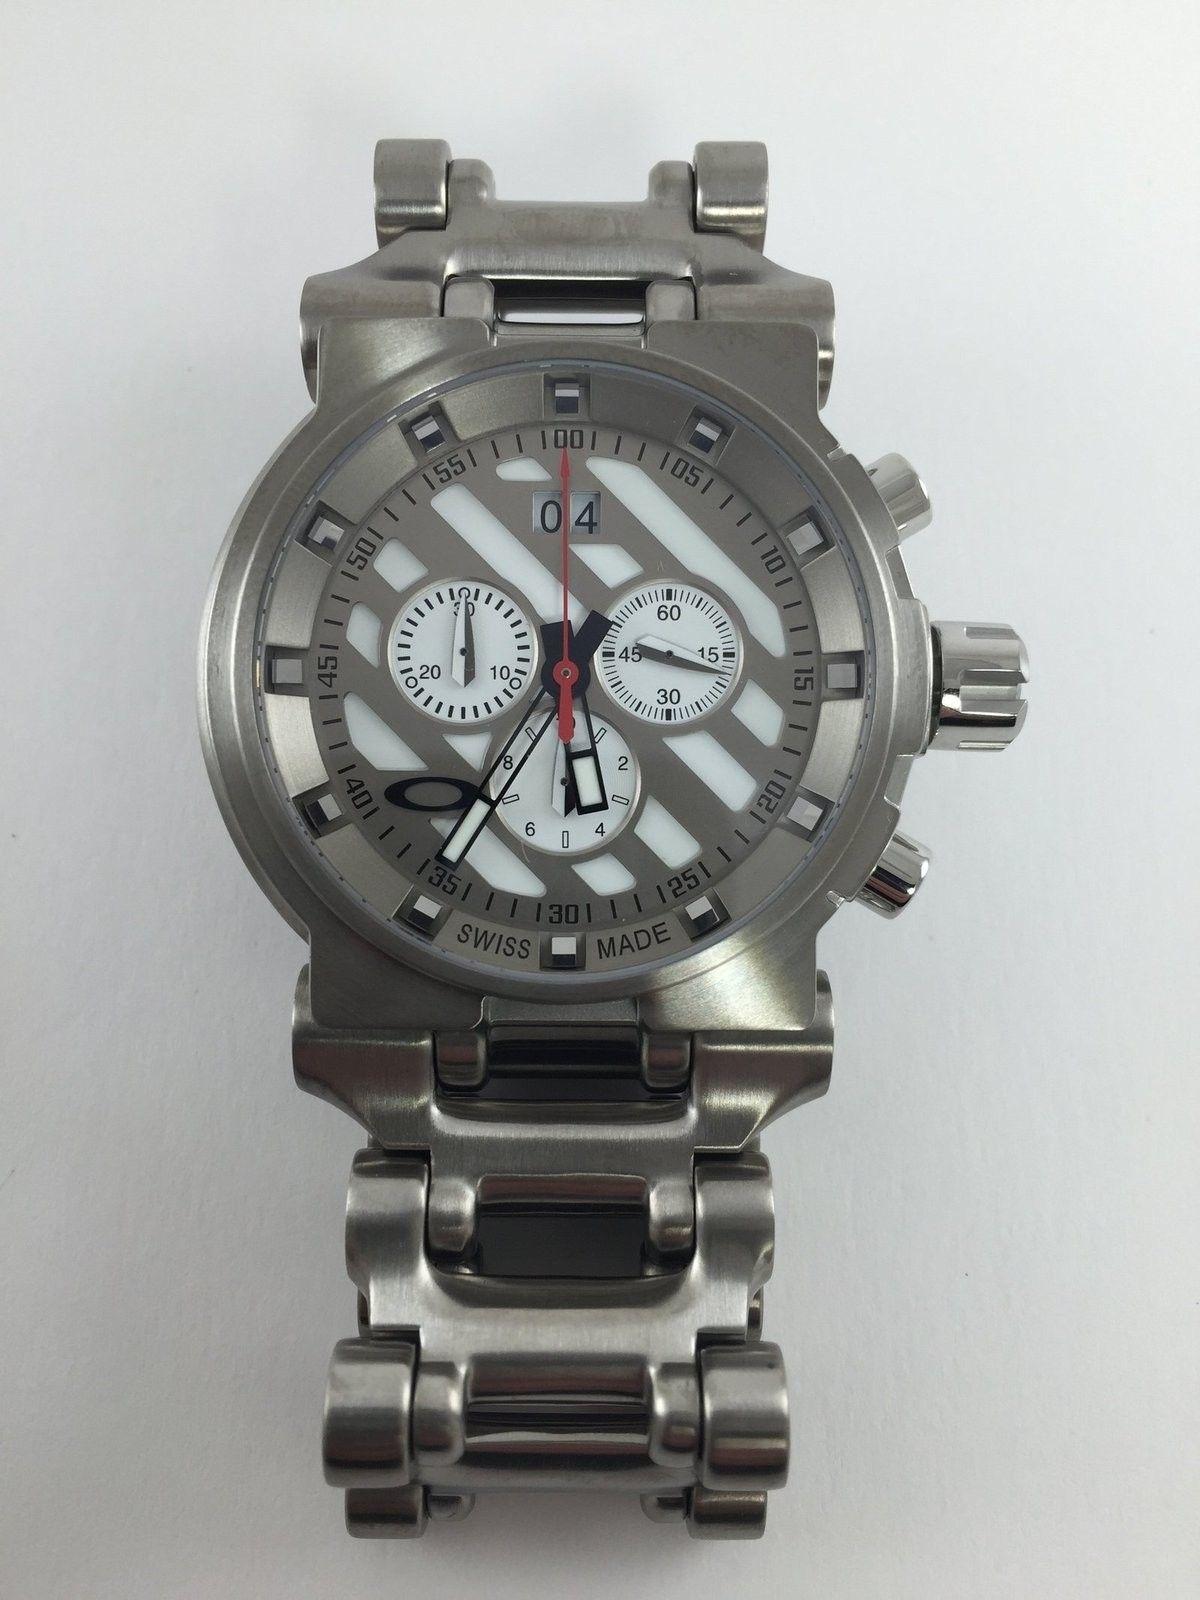 Hollow Point & GMT Watch - 15526829299_8c411a26d3_o.jpg